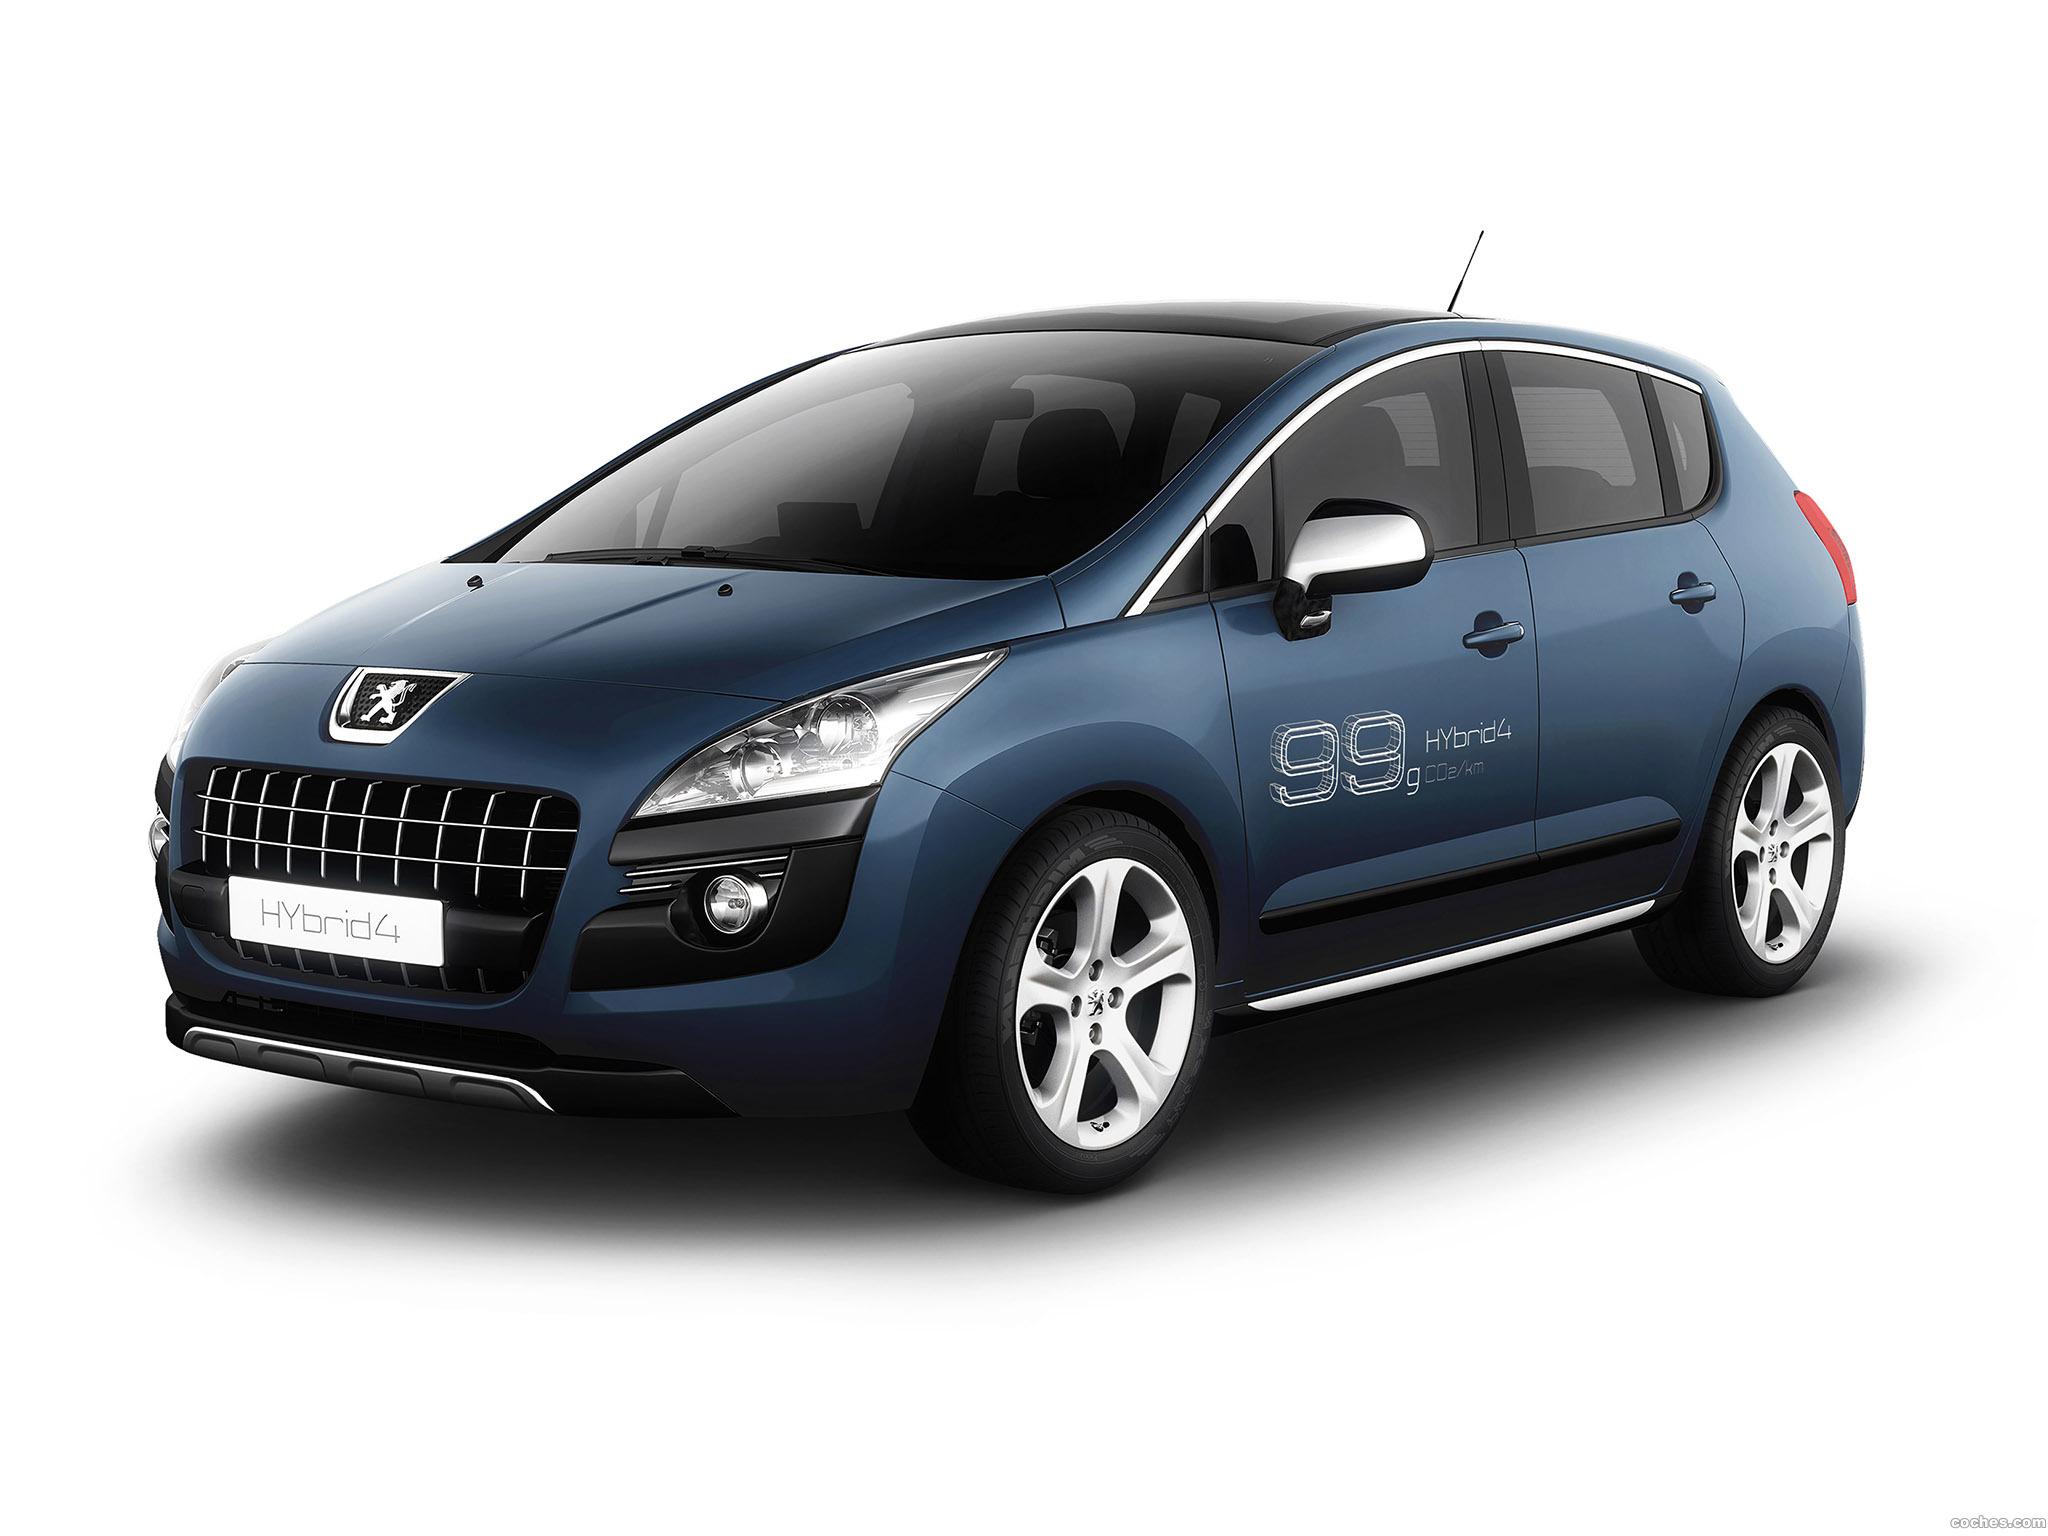 Foto 0 de Peugeot 3008 Hybrid4 2009